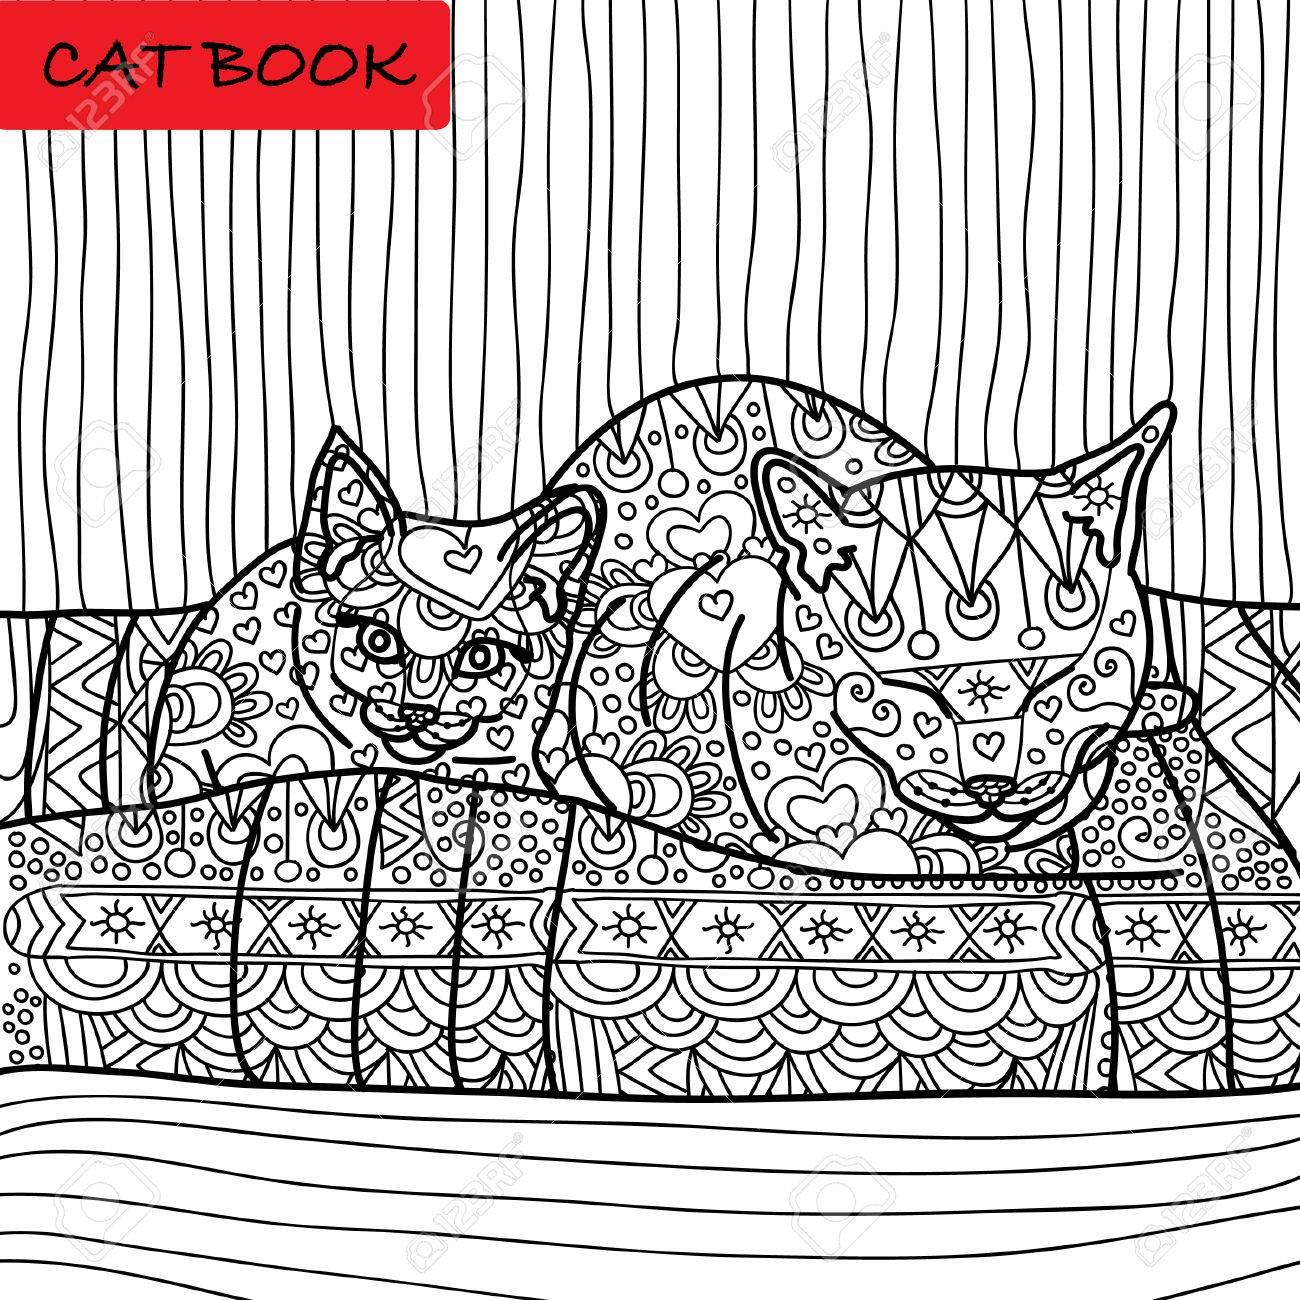 Página Para Colorear Gato Para Adultos Mamá Gata Y Su Gatito Bebé Sentado En El Sofá Dibujado A Mano Ilustración Con Los Patrones Zenart